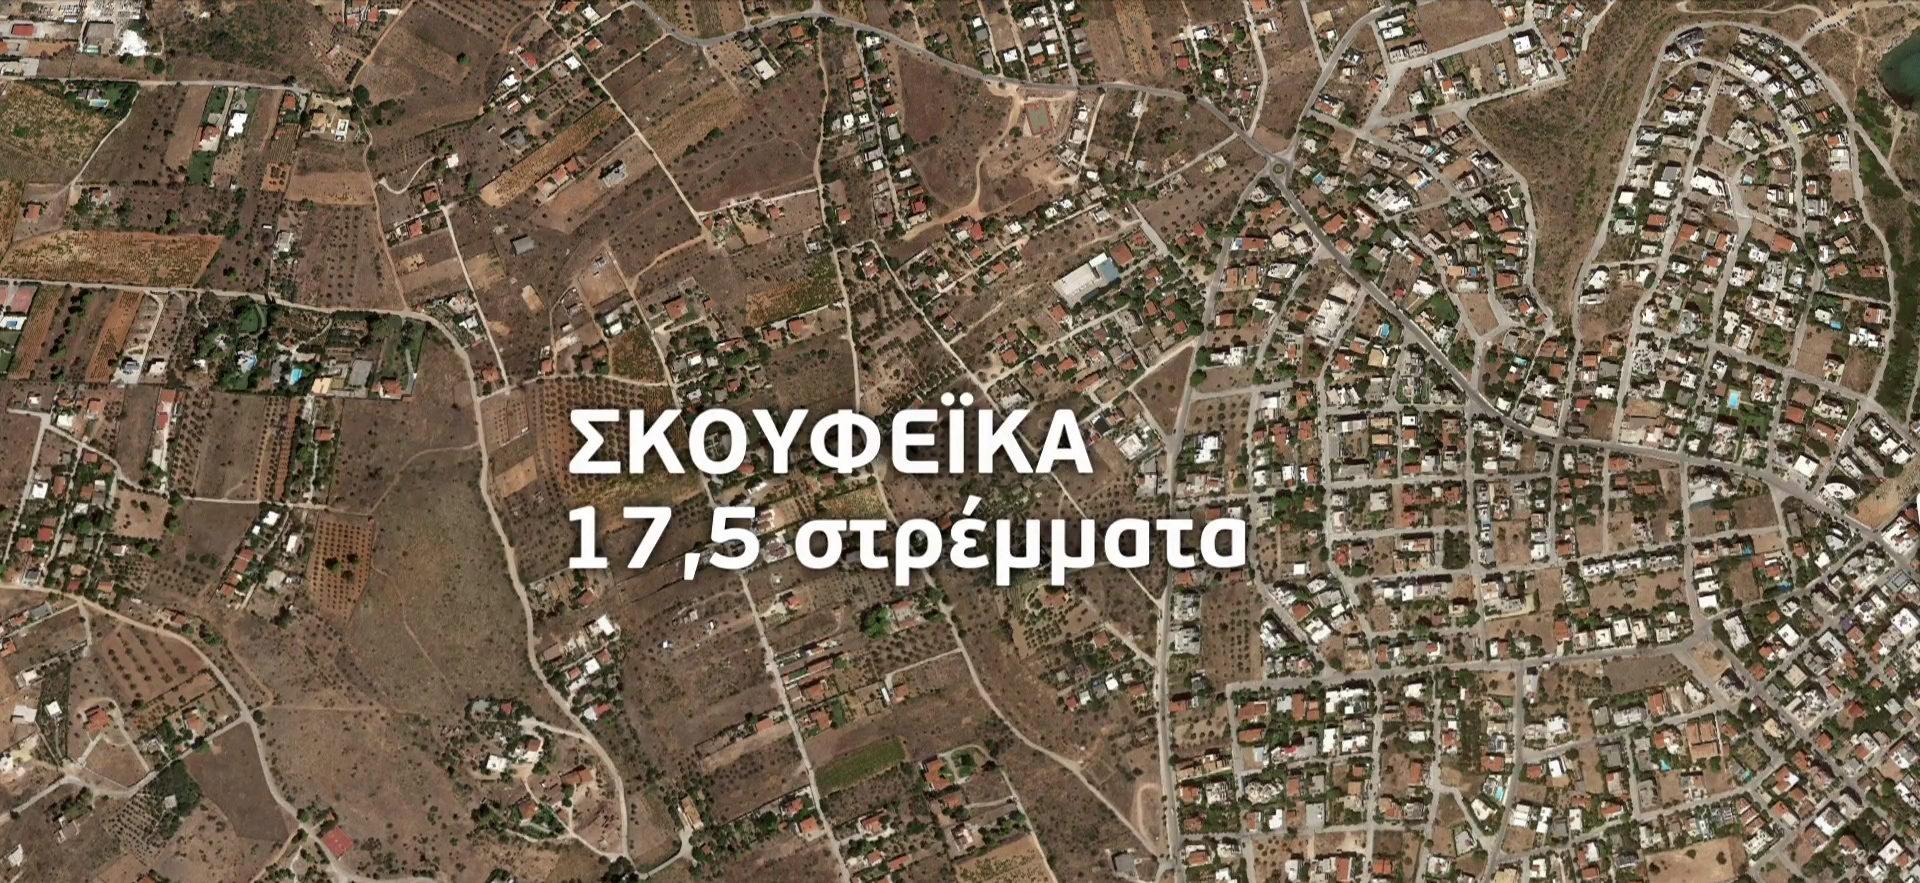 Σχέδιο ανάπλασης για το Μάτι: Κοινωνικές κατοικίες για τους πυρόπληκτους – Θα γκρεμιστούν 55 κτίρια σε ρέματα και δάση (video)